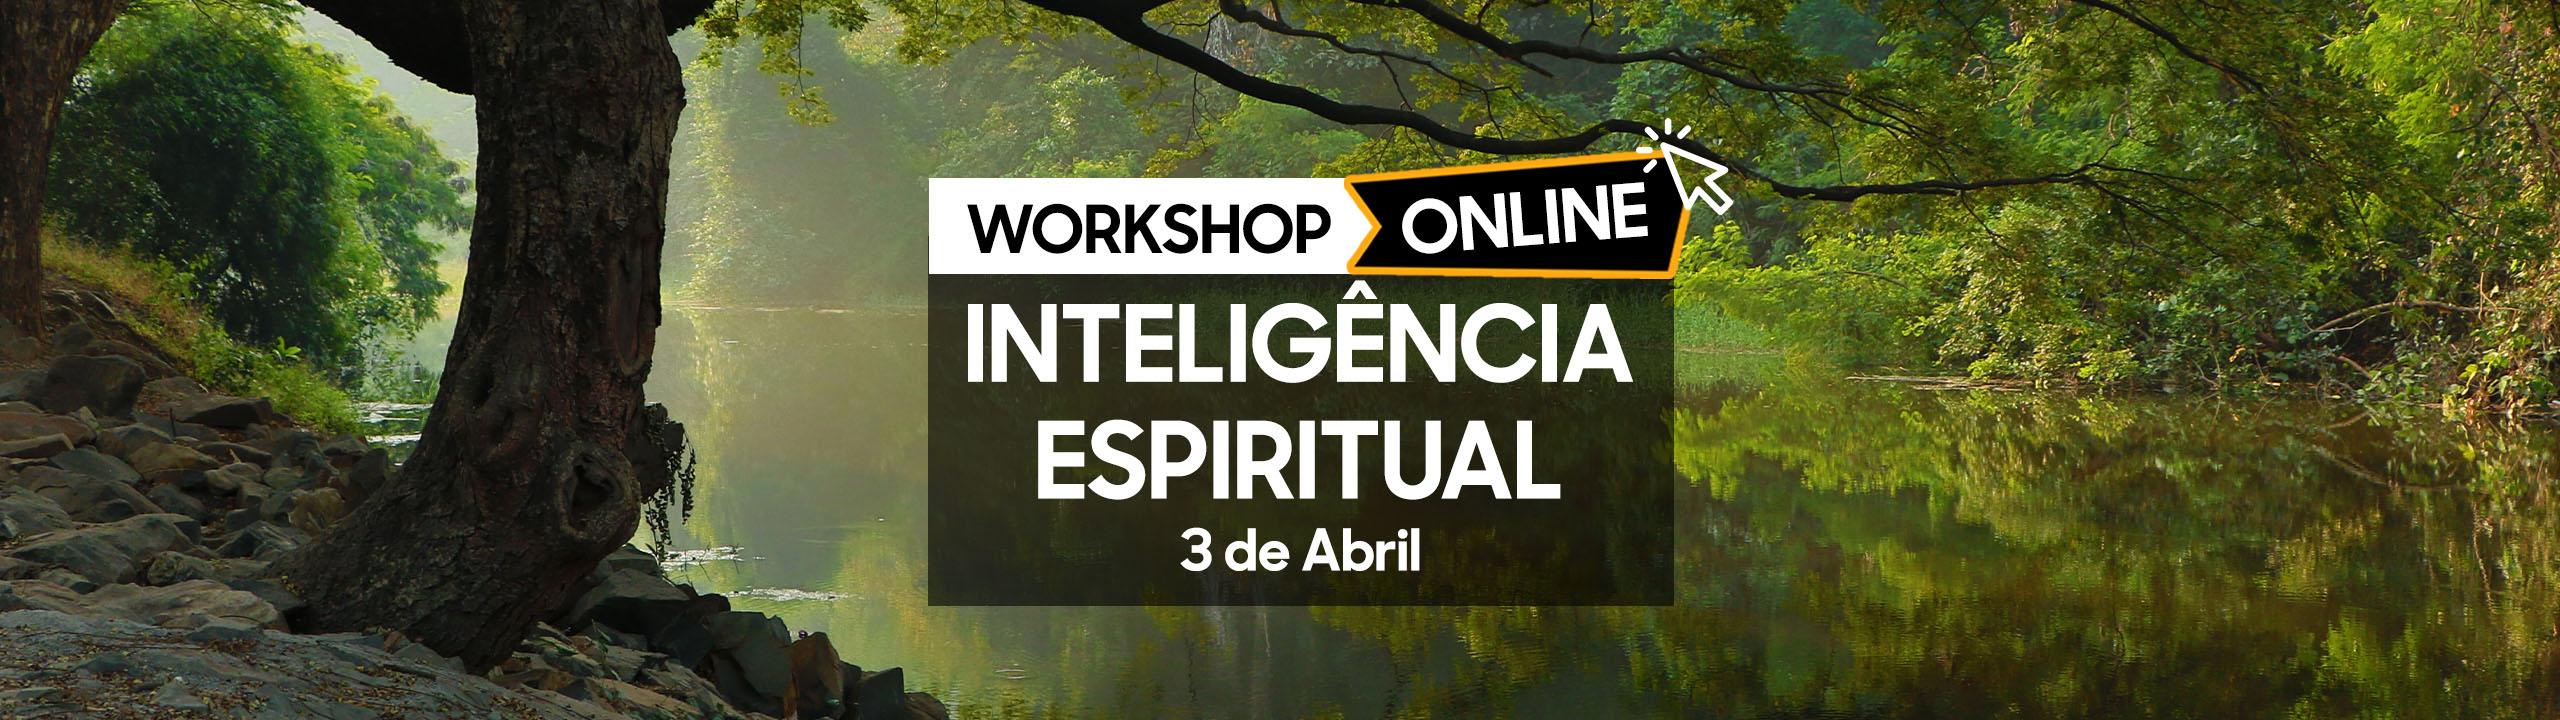 slider-workshop-inteligencia-espiritual-online-04-de-abril